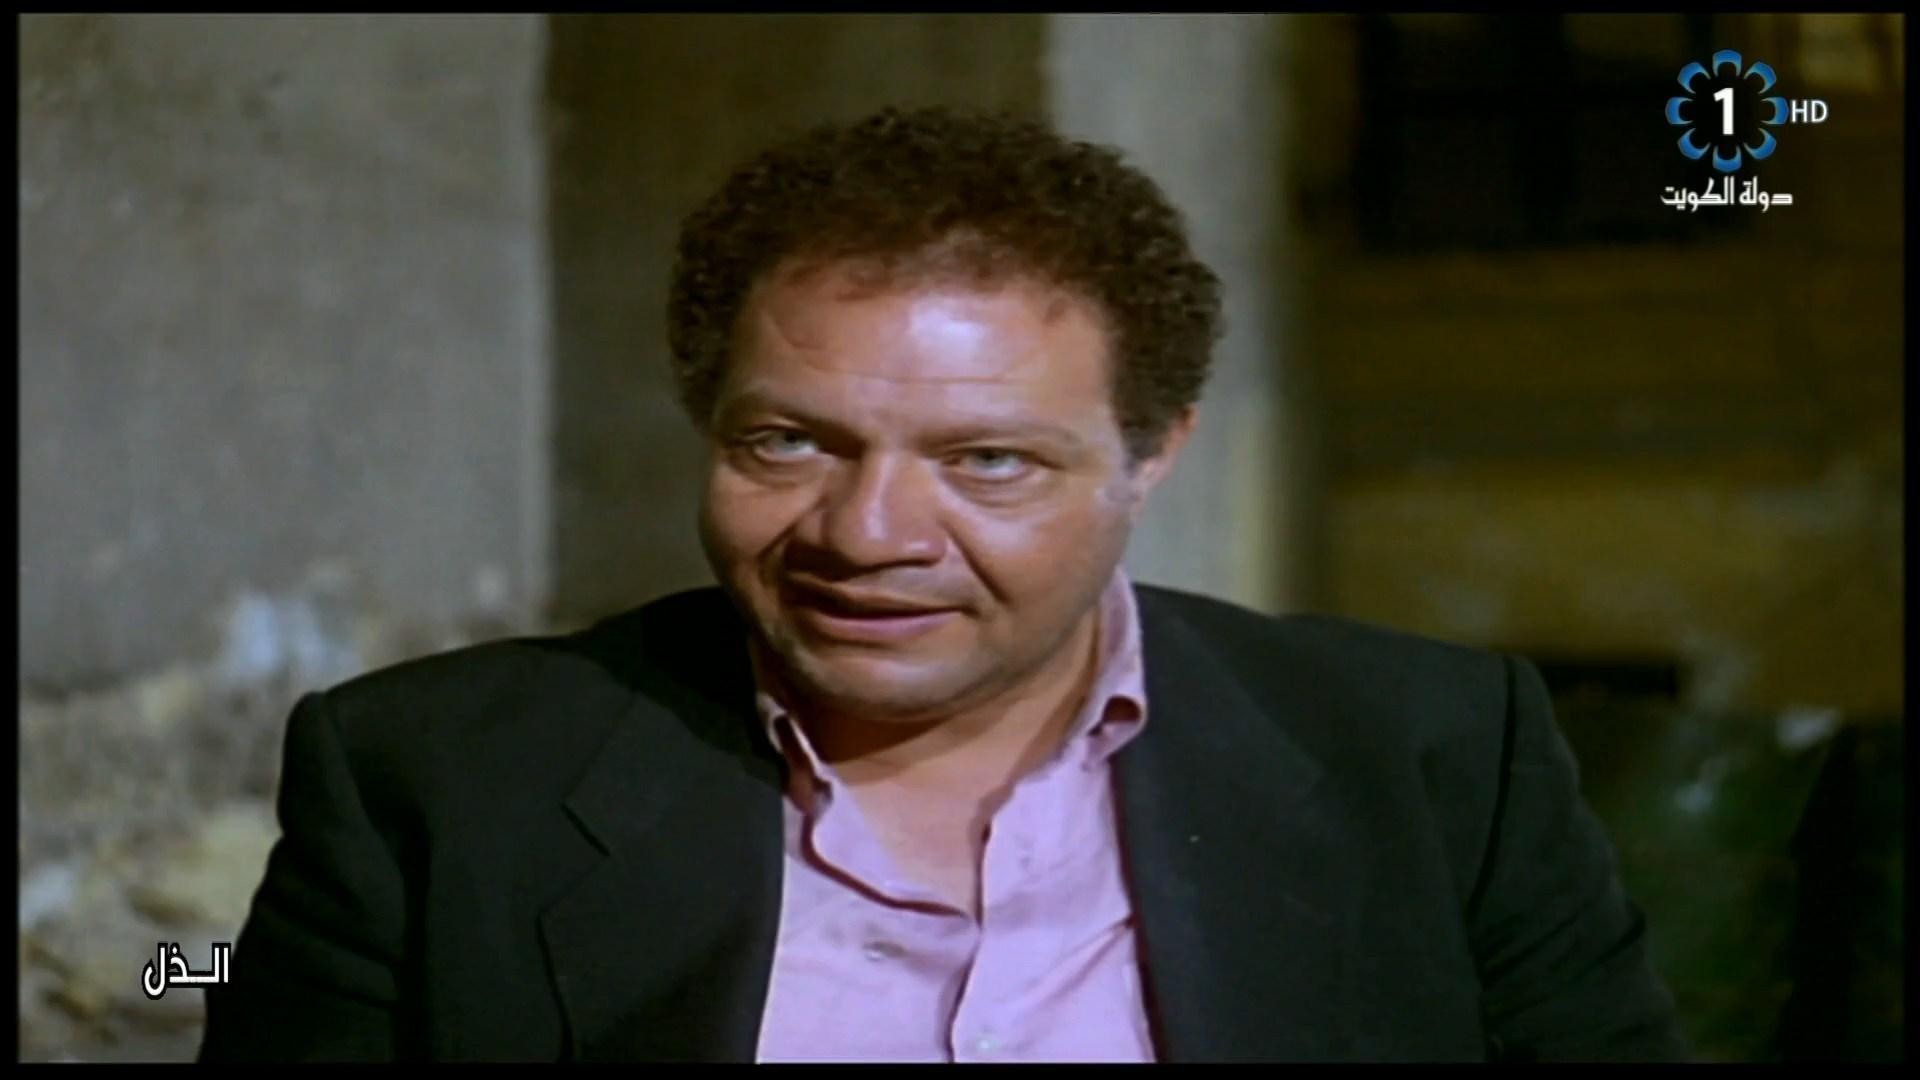 [فيلم][تورنت][تحميل][الذل][1990][1080p][HDTV] 5 arabp2p.com